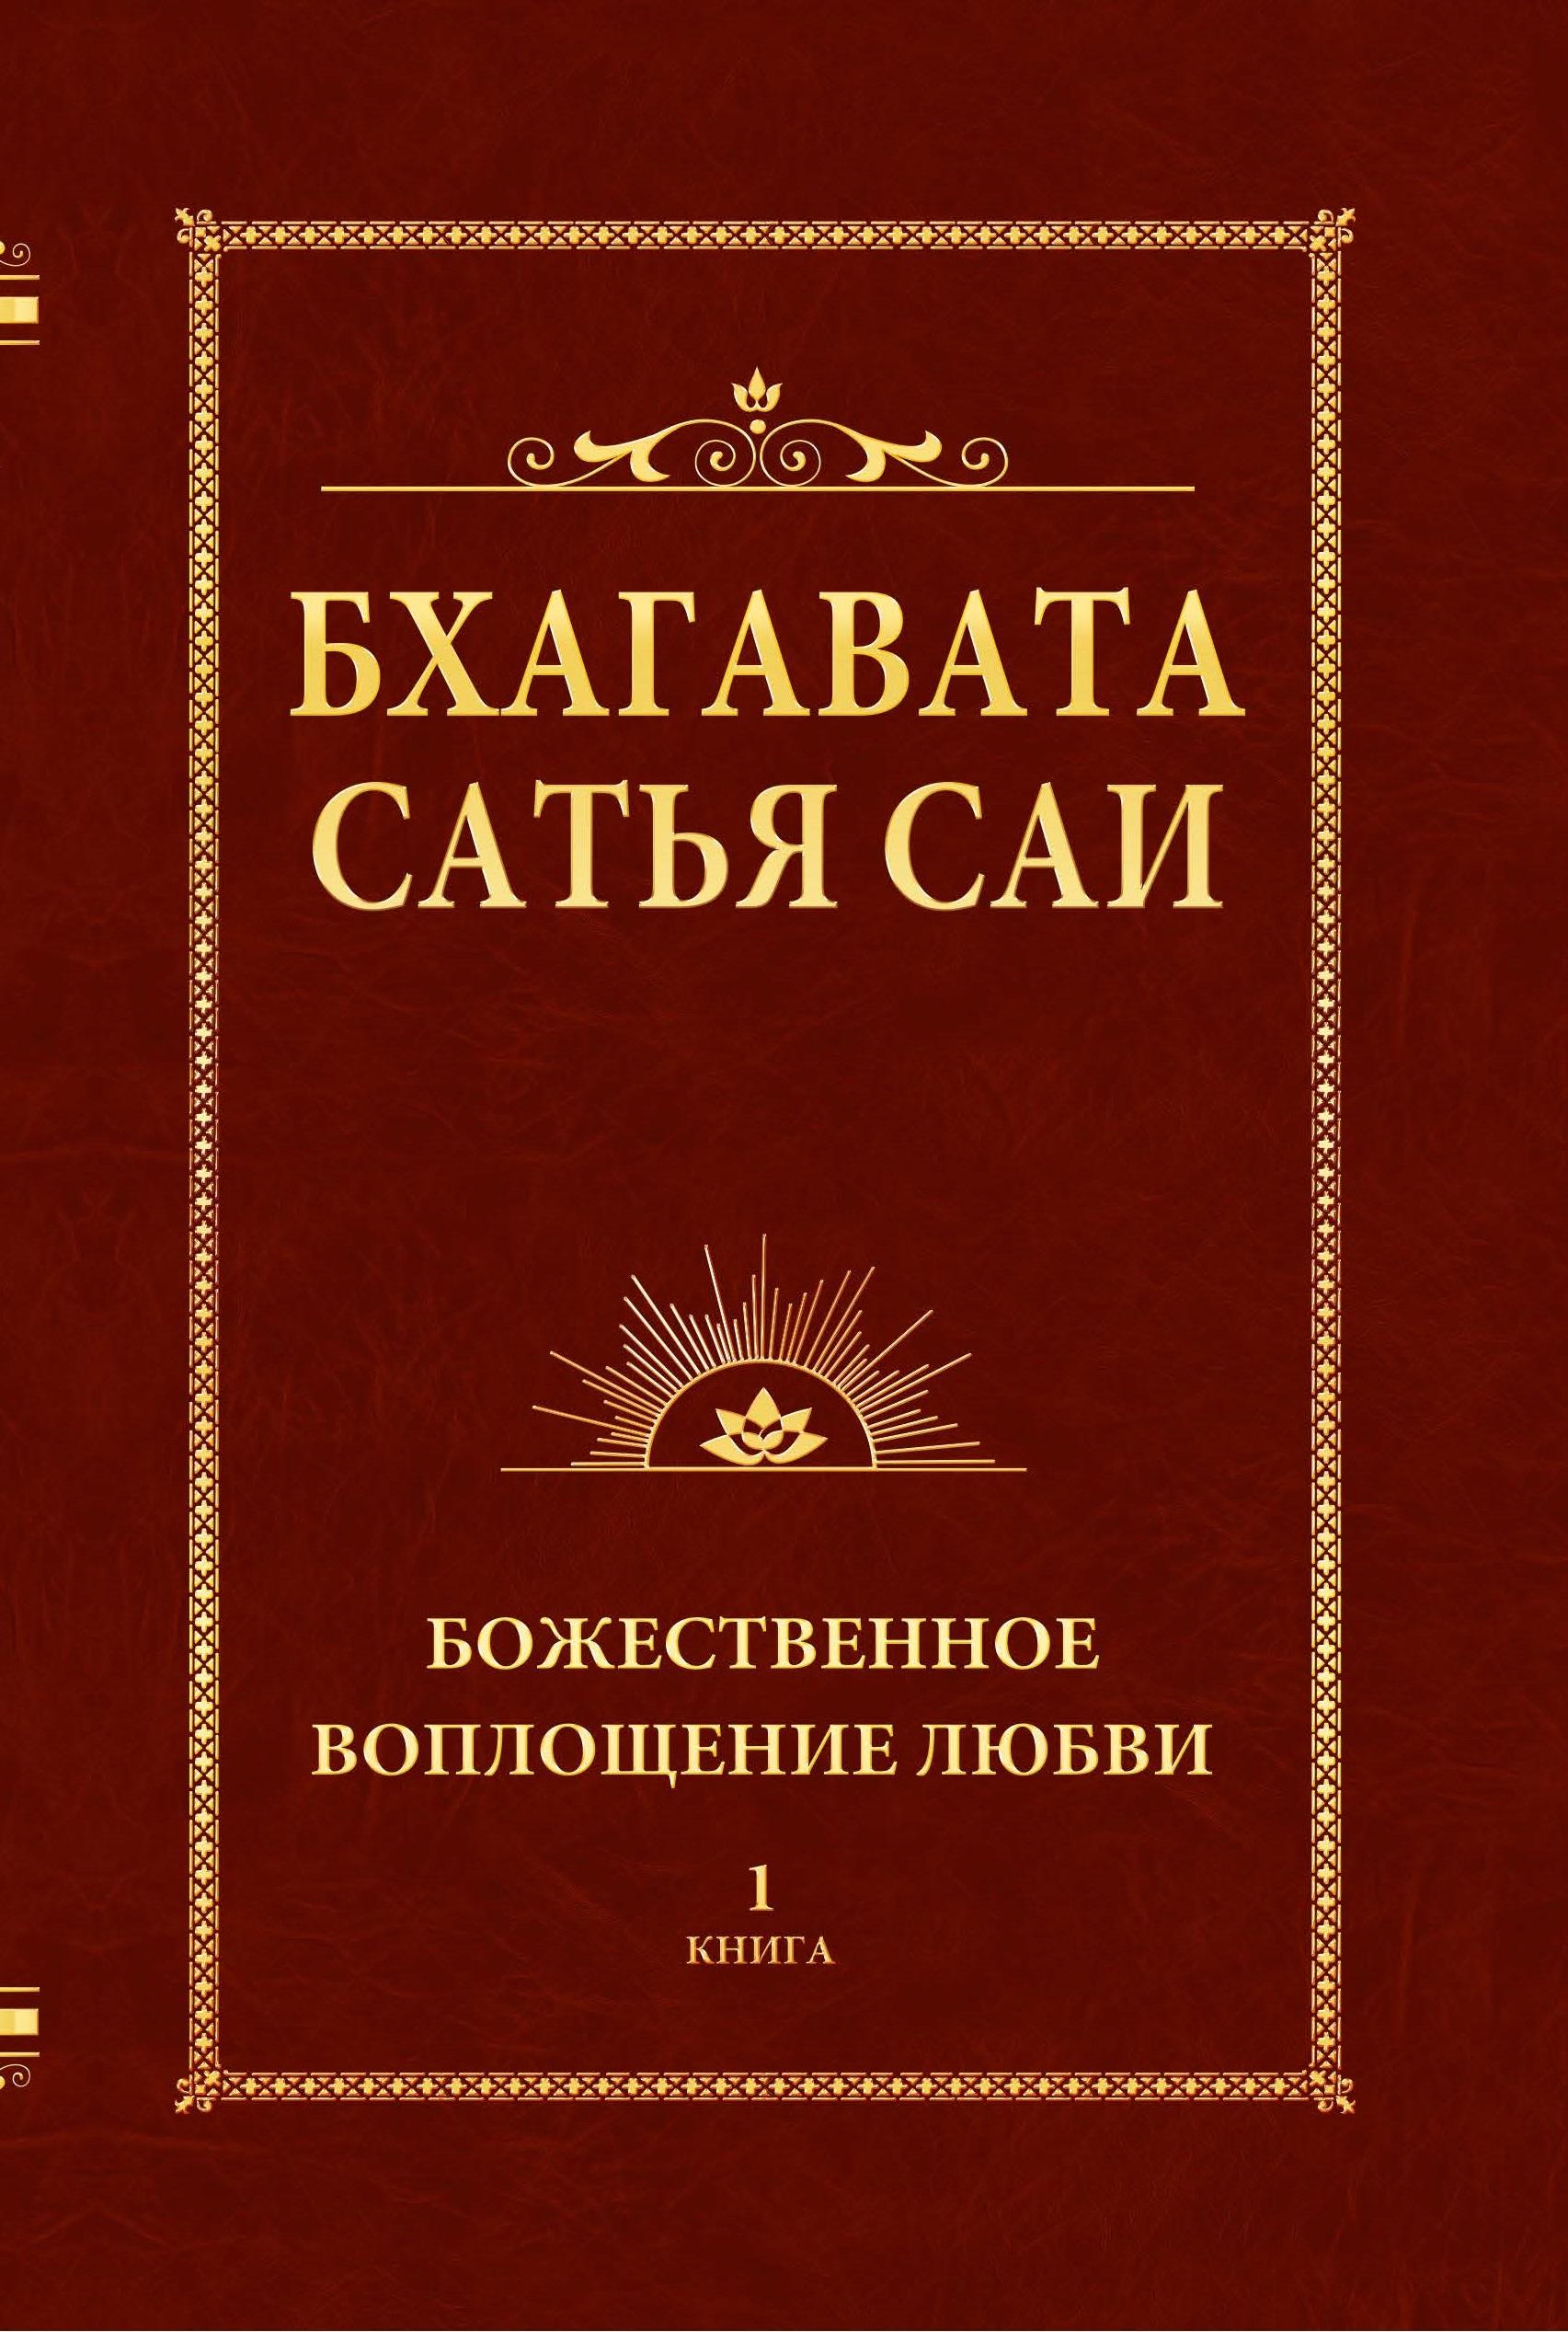 Бхагавата Шри Нарасимха Дэви Бхагавата Сатья Саи. Божественное воплощение любви. Книга 1 ISBN: 978-5-4260-0286-9 цена